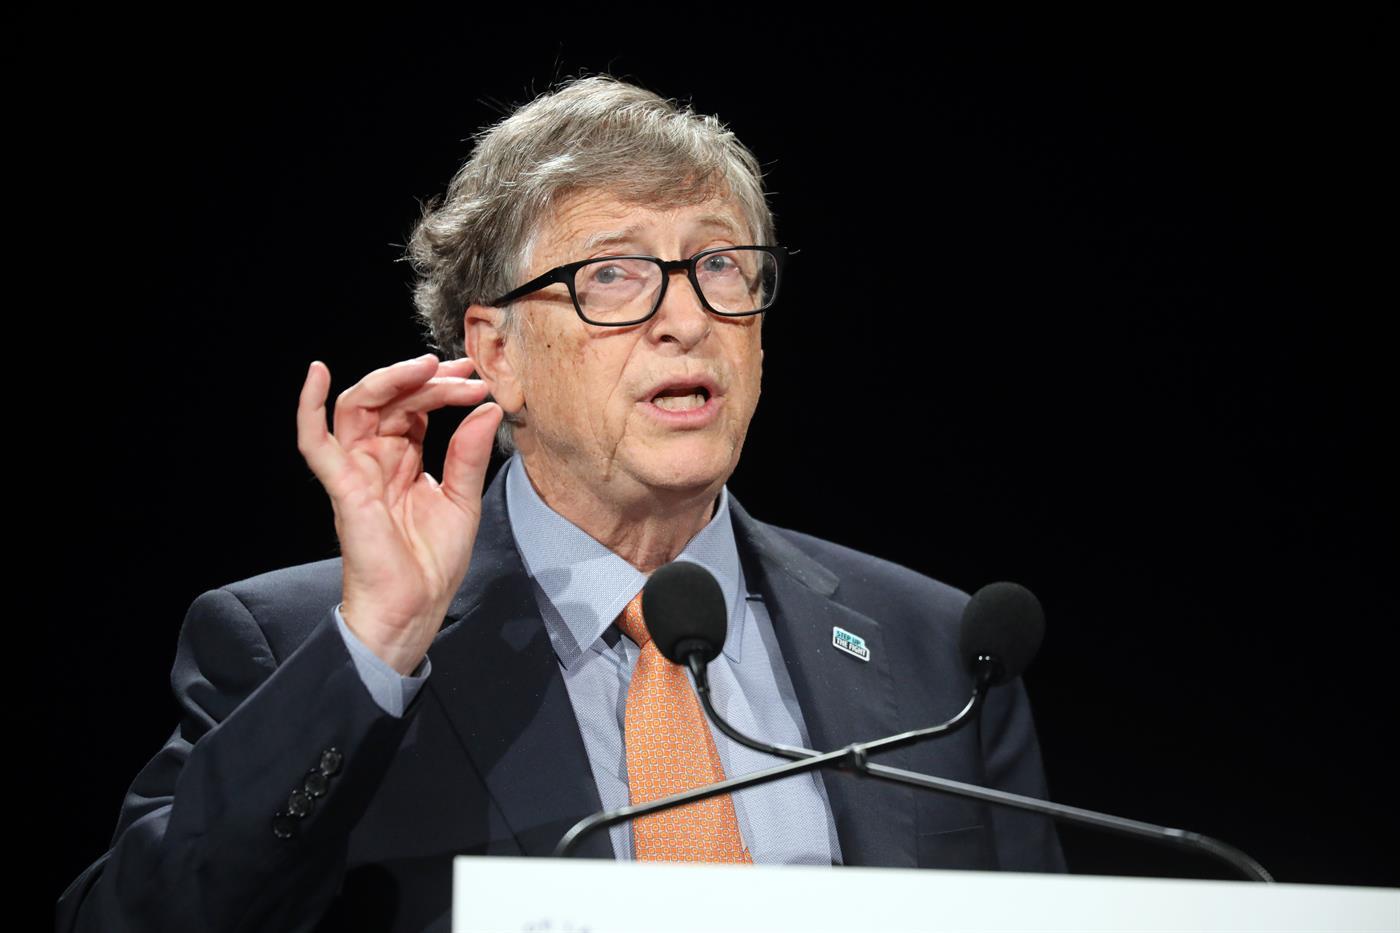 Bill Gates diz que mundo deve preparar próxima pandemia como se fosse uma  guerra